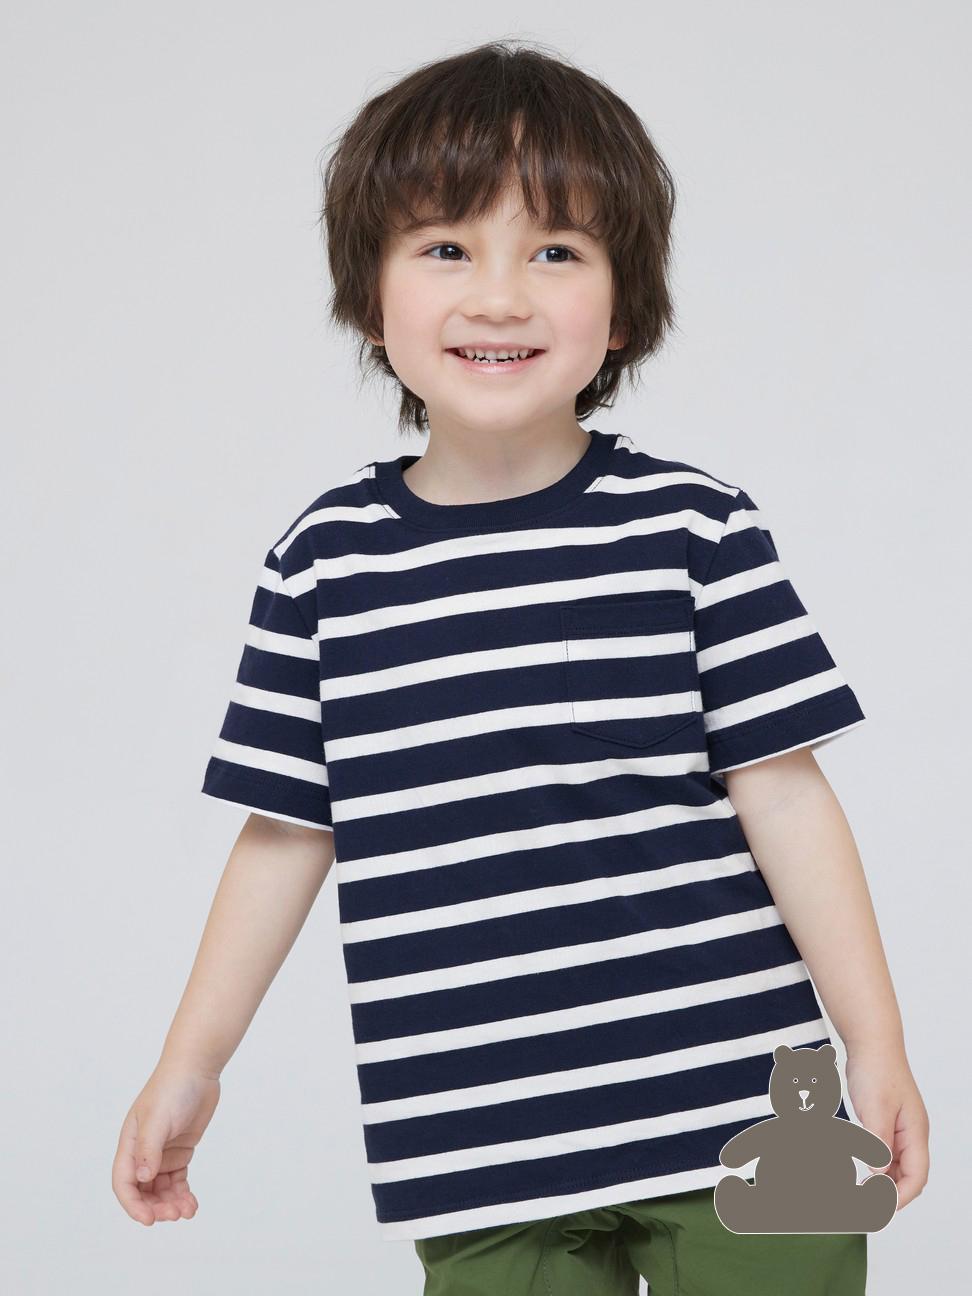 幼童 布萊納系列 純棉條紋圓領短袖T恤